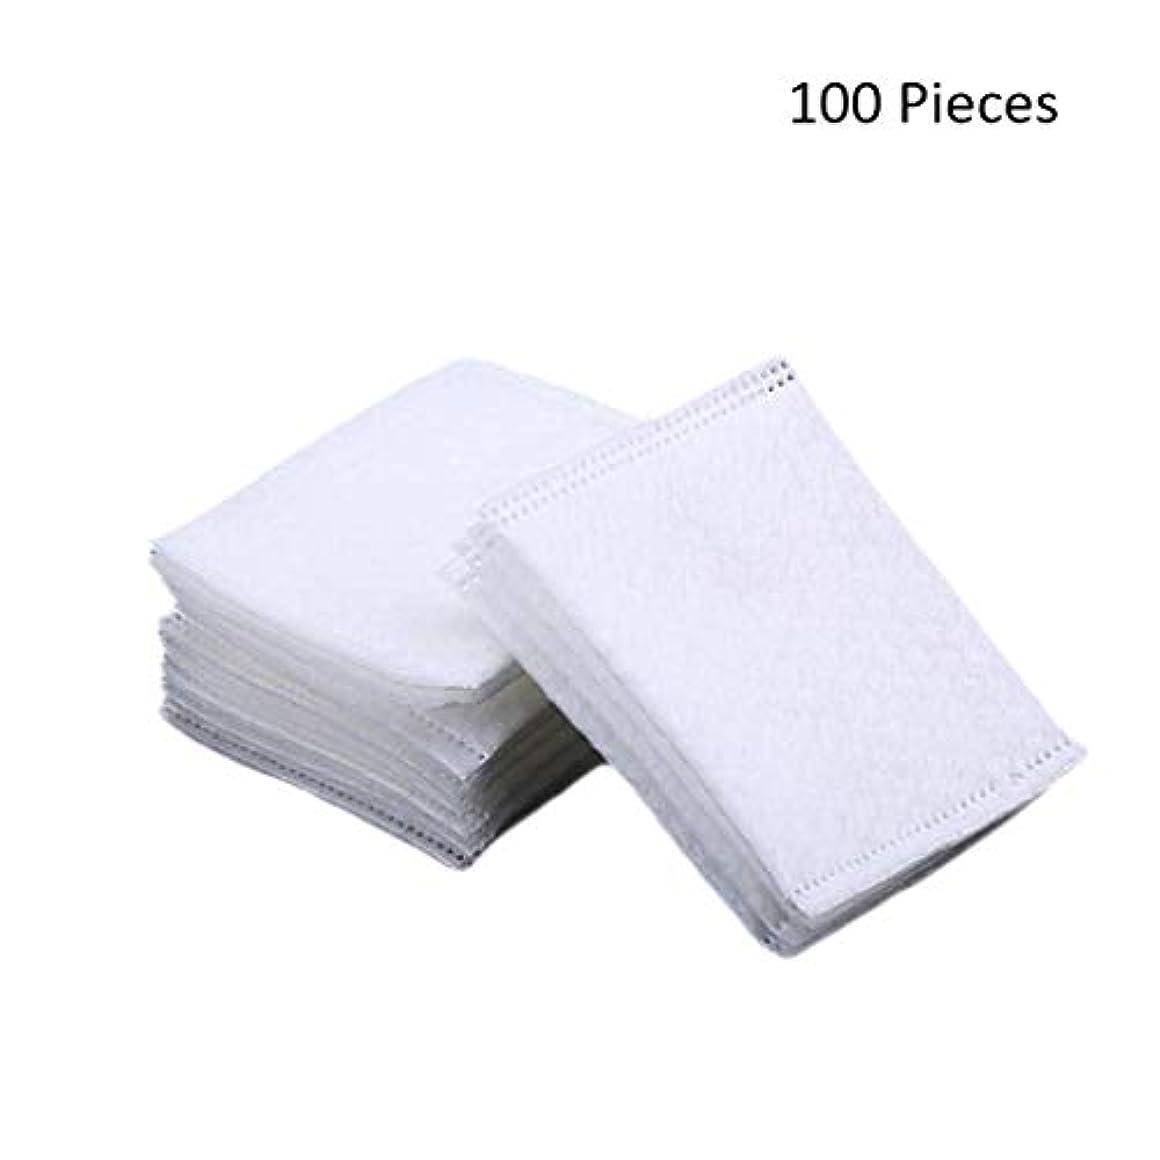 ネコ批判的リッチ50/100/220ピースダブルサイドフェイスメイクアップリムーバーコットンパッド密封旅行削除コットンパッドスキン化粧品メイクアップツール (Color : White, サイズ : 100 Pieces)